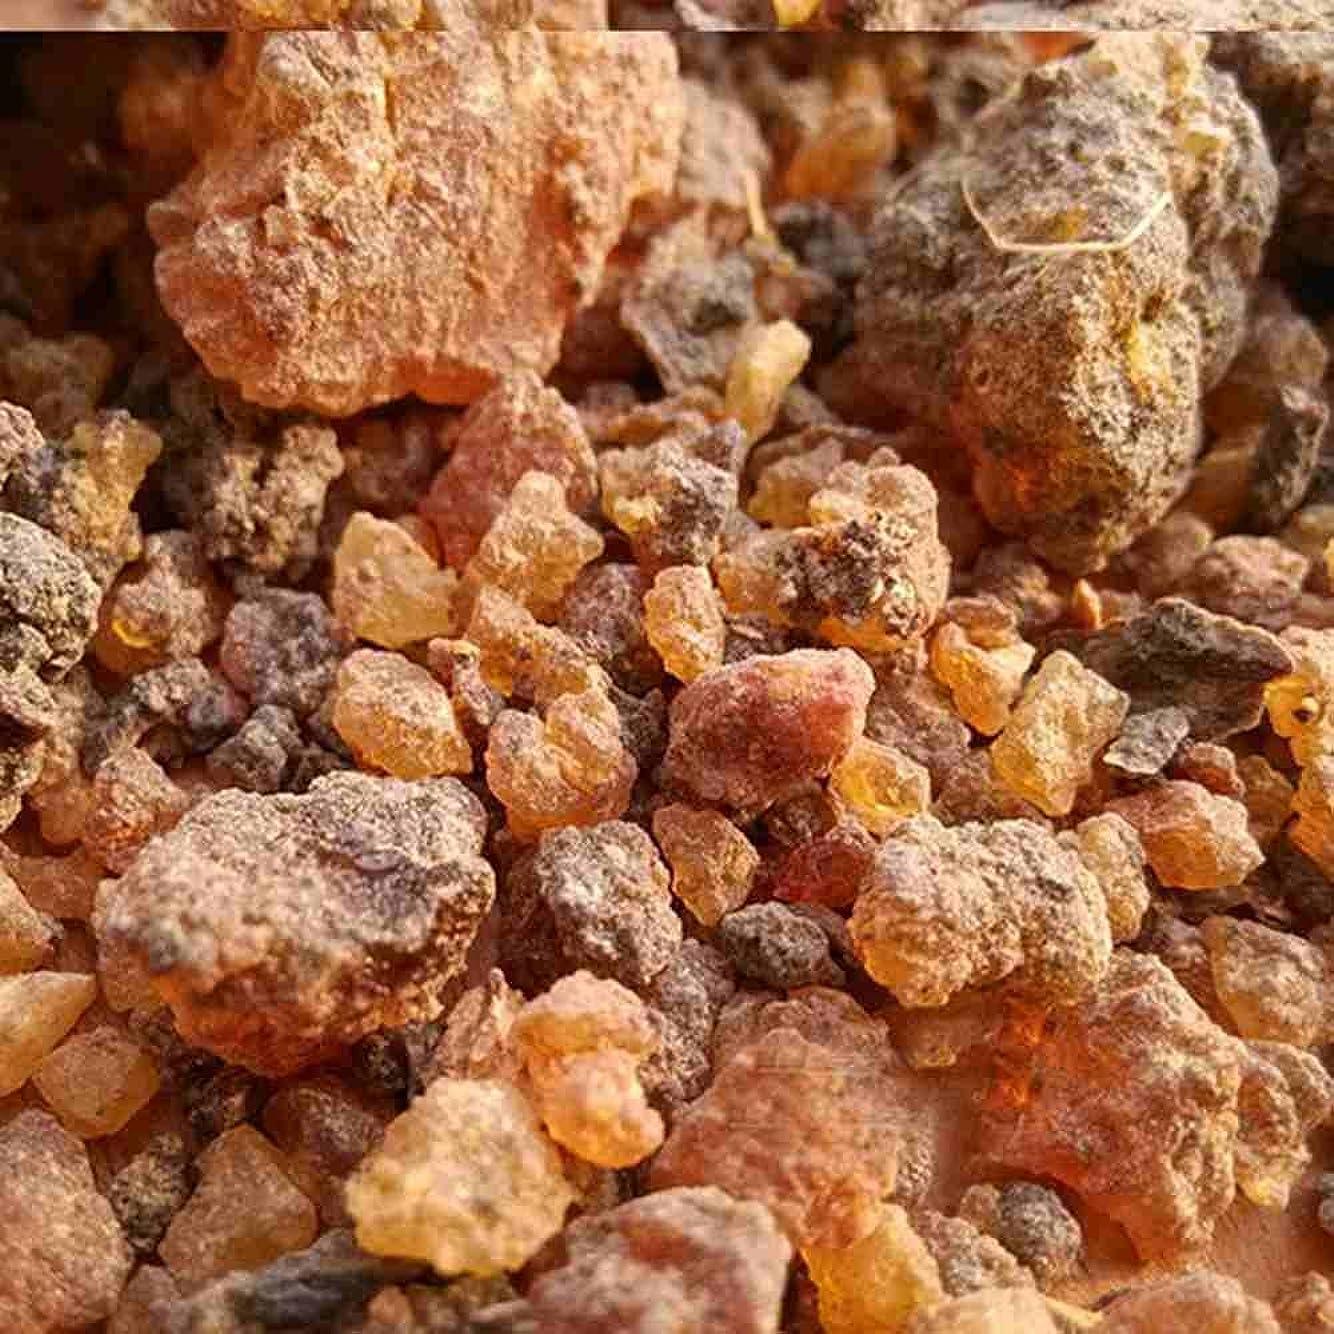 トランザクションプロジェクターあいまいなミルラ樹脂 – 100%純オーガニック乳香樹脂 – 有機没薬 – 0.22ポンド(100 g)Kenya Myrrh Resin – Earthwise Aromatics